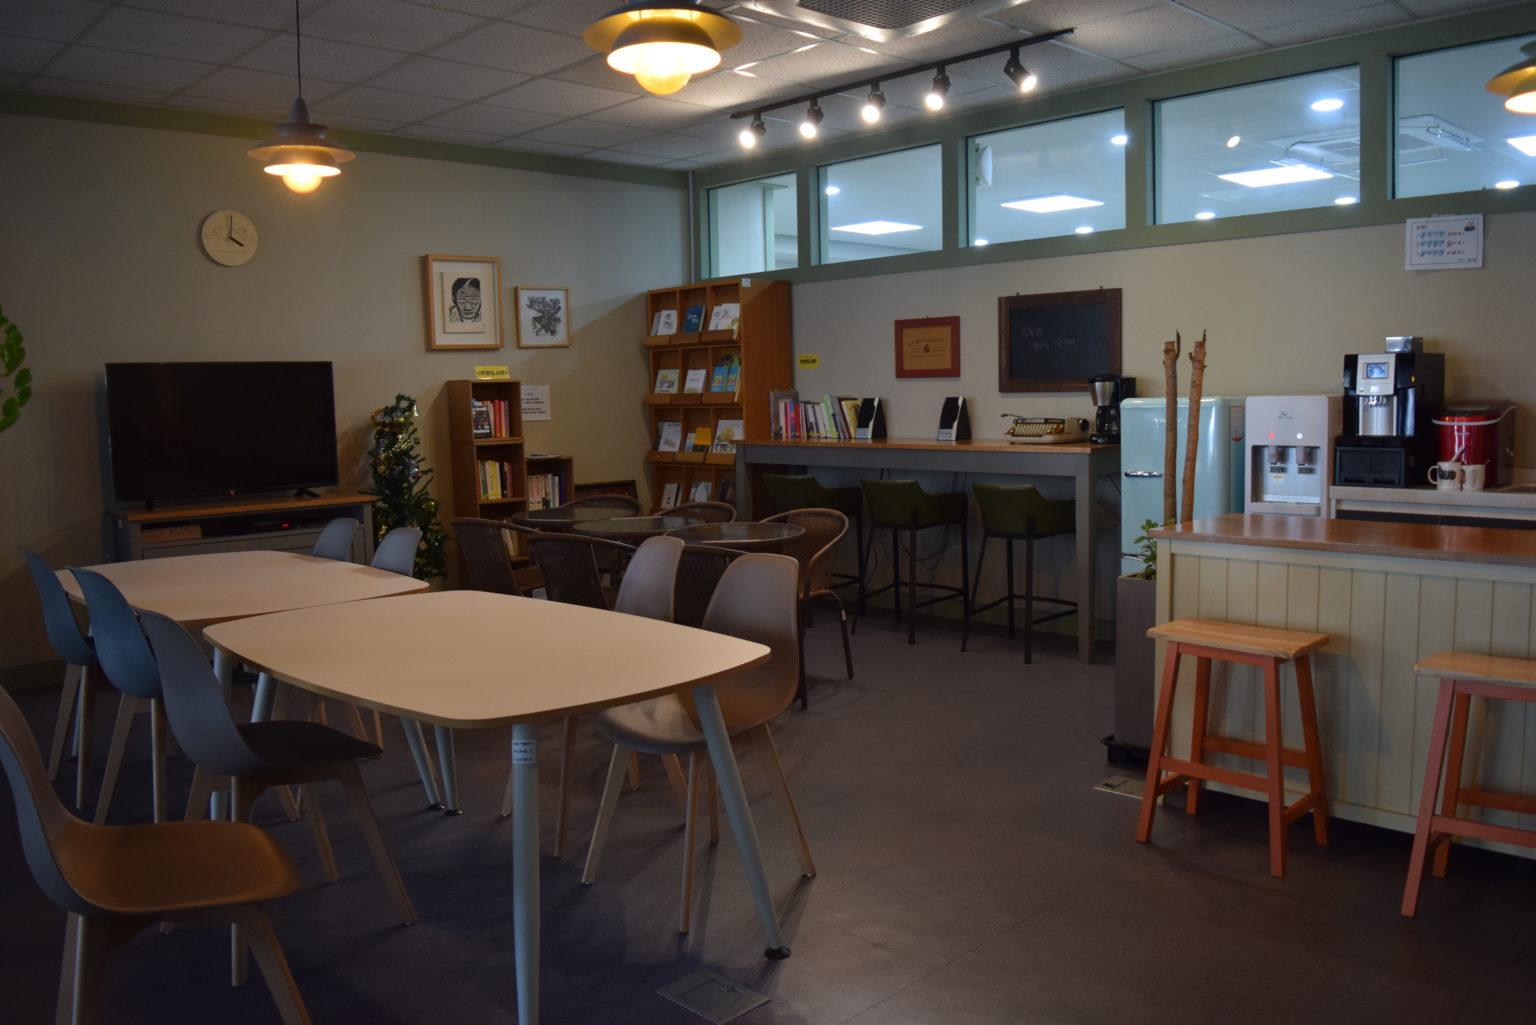 1층 café 만남과 여유  여유와 쉼을 더하는 공간, 보건 카페입니다. 각종 커피와 차, 도서 등이 구비 되어있으며 보건의료노조를  찾아온 누구나 이용할 수 있습니다.